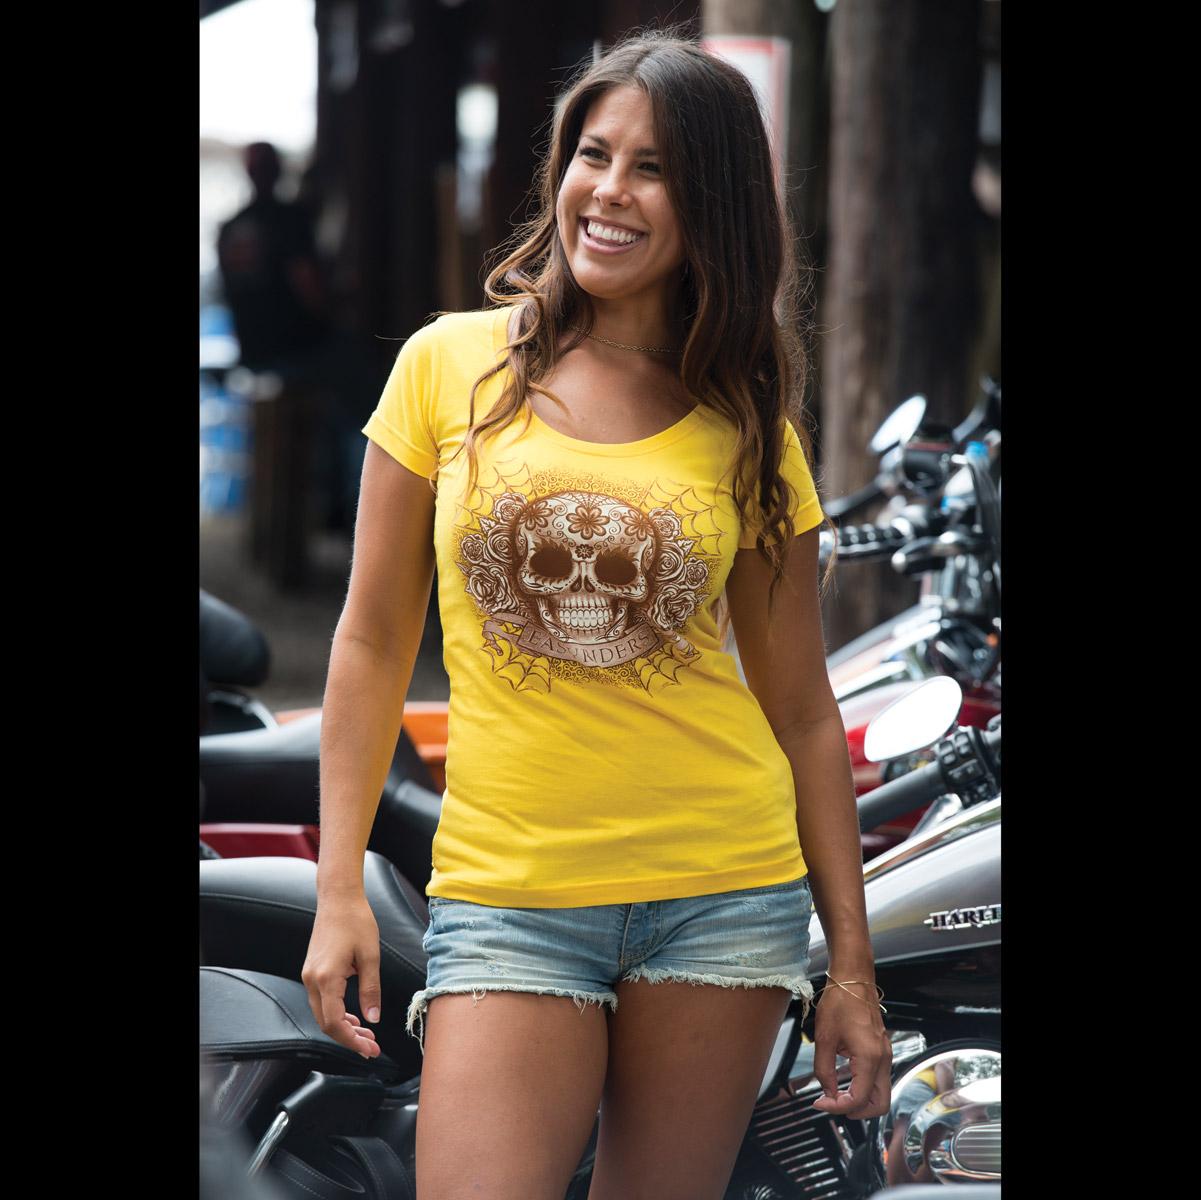 Easyriders Women's Rise and Shine Yellow T-Shirt